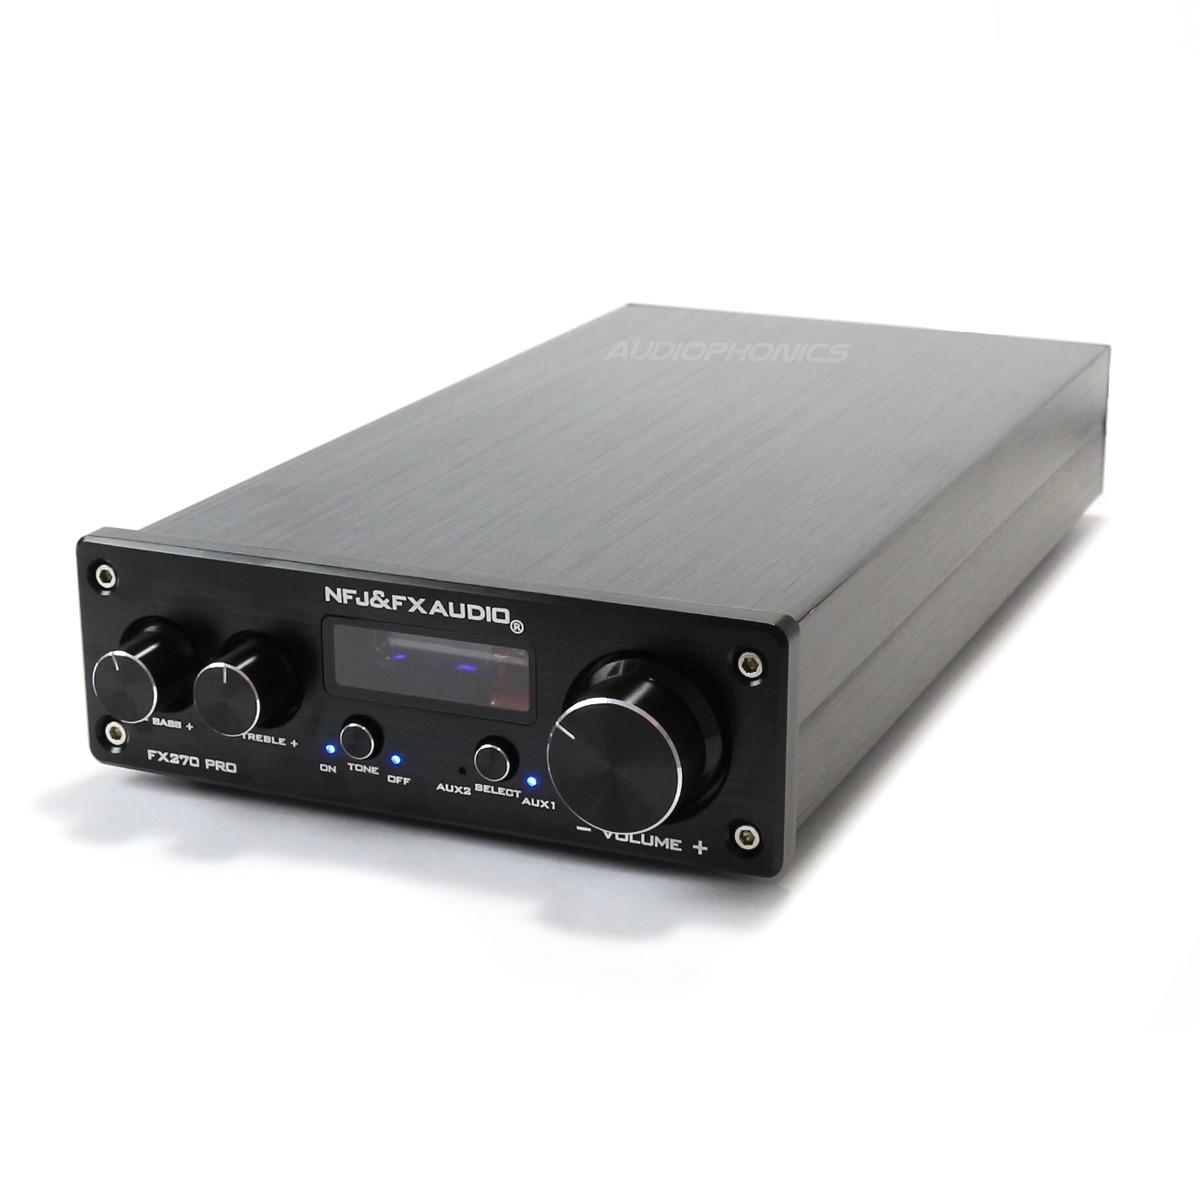 FX-AUDIO FX270 PRO Amplificateur Class A/B + Tubes 6K4 48W 4 Ohm